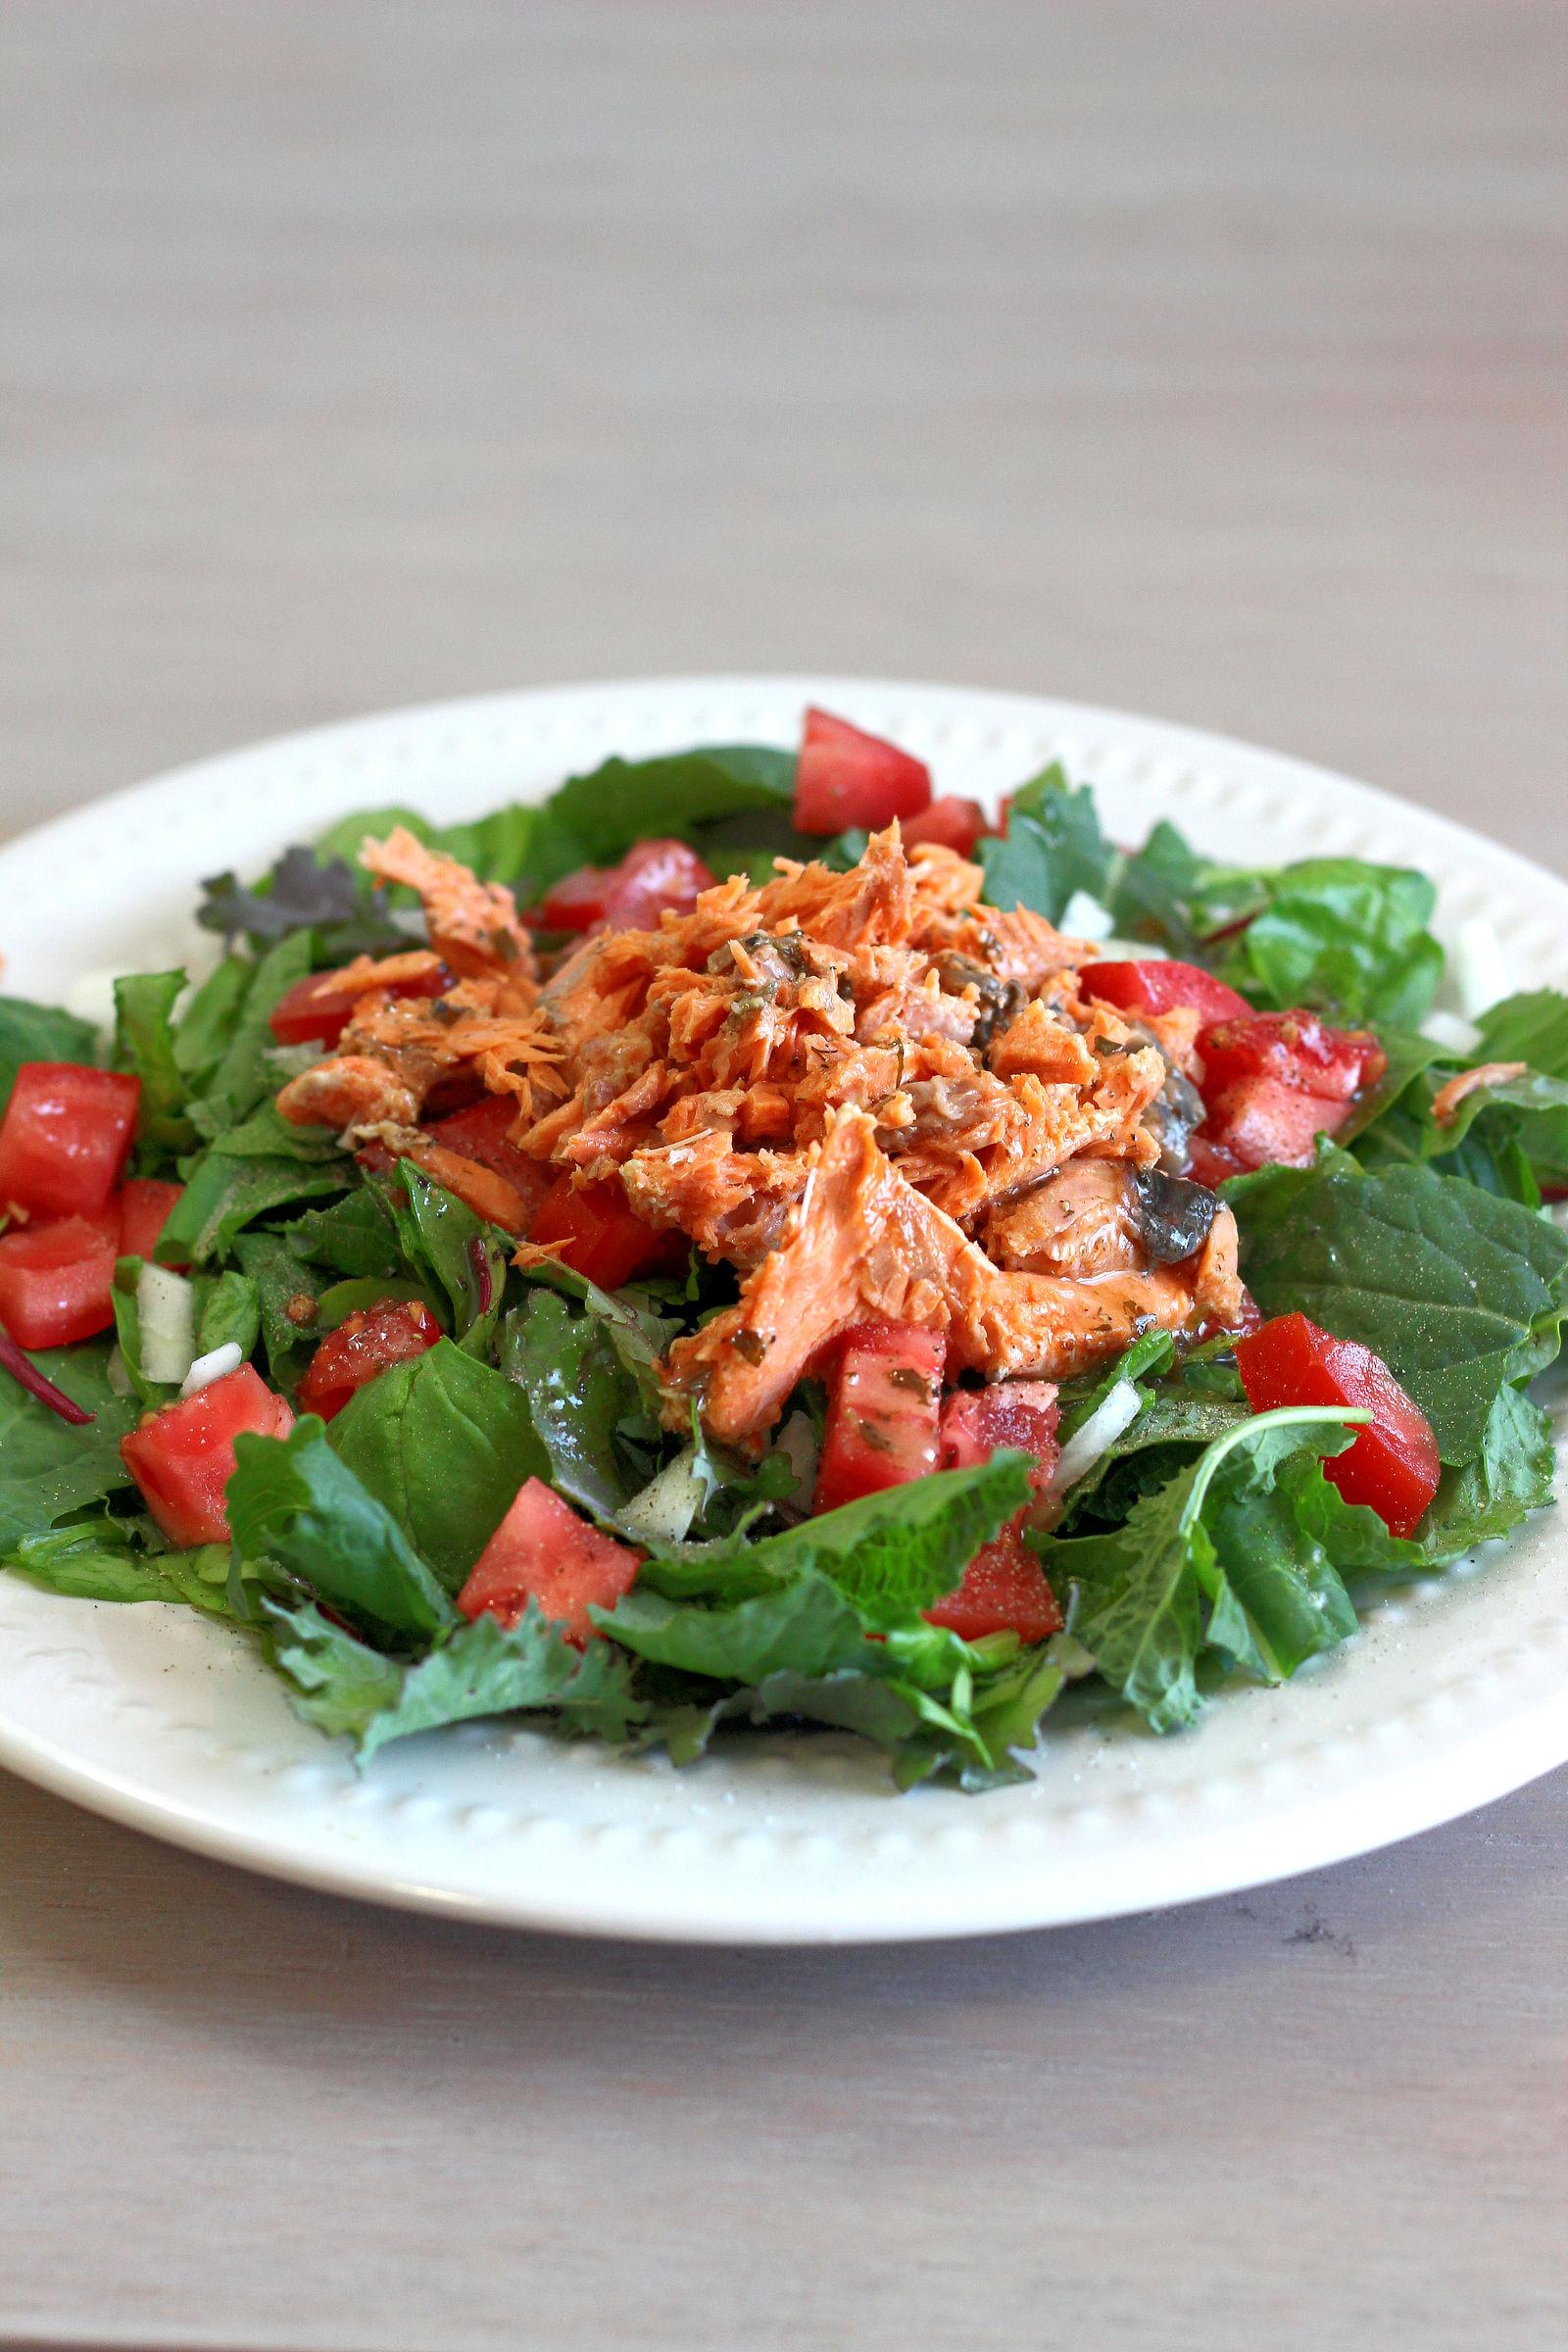 Salmon salad on plate